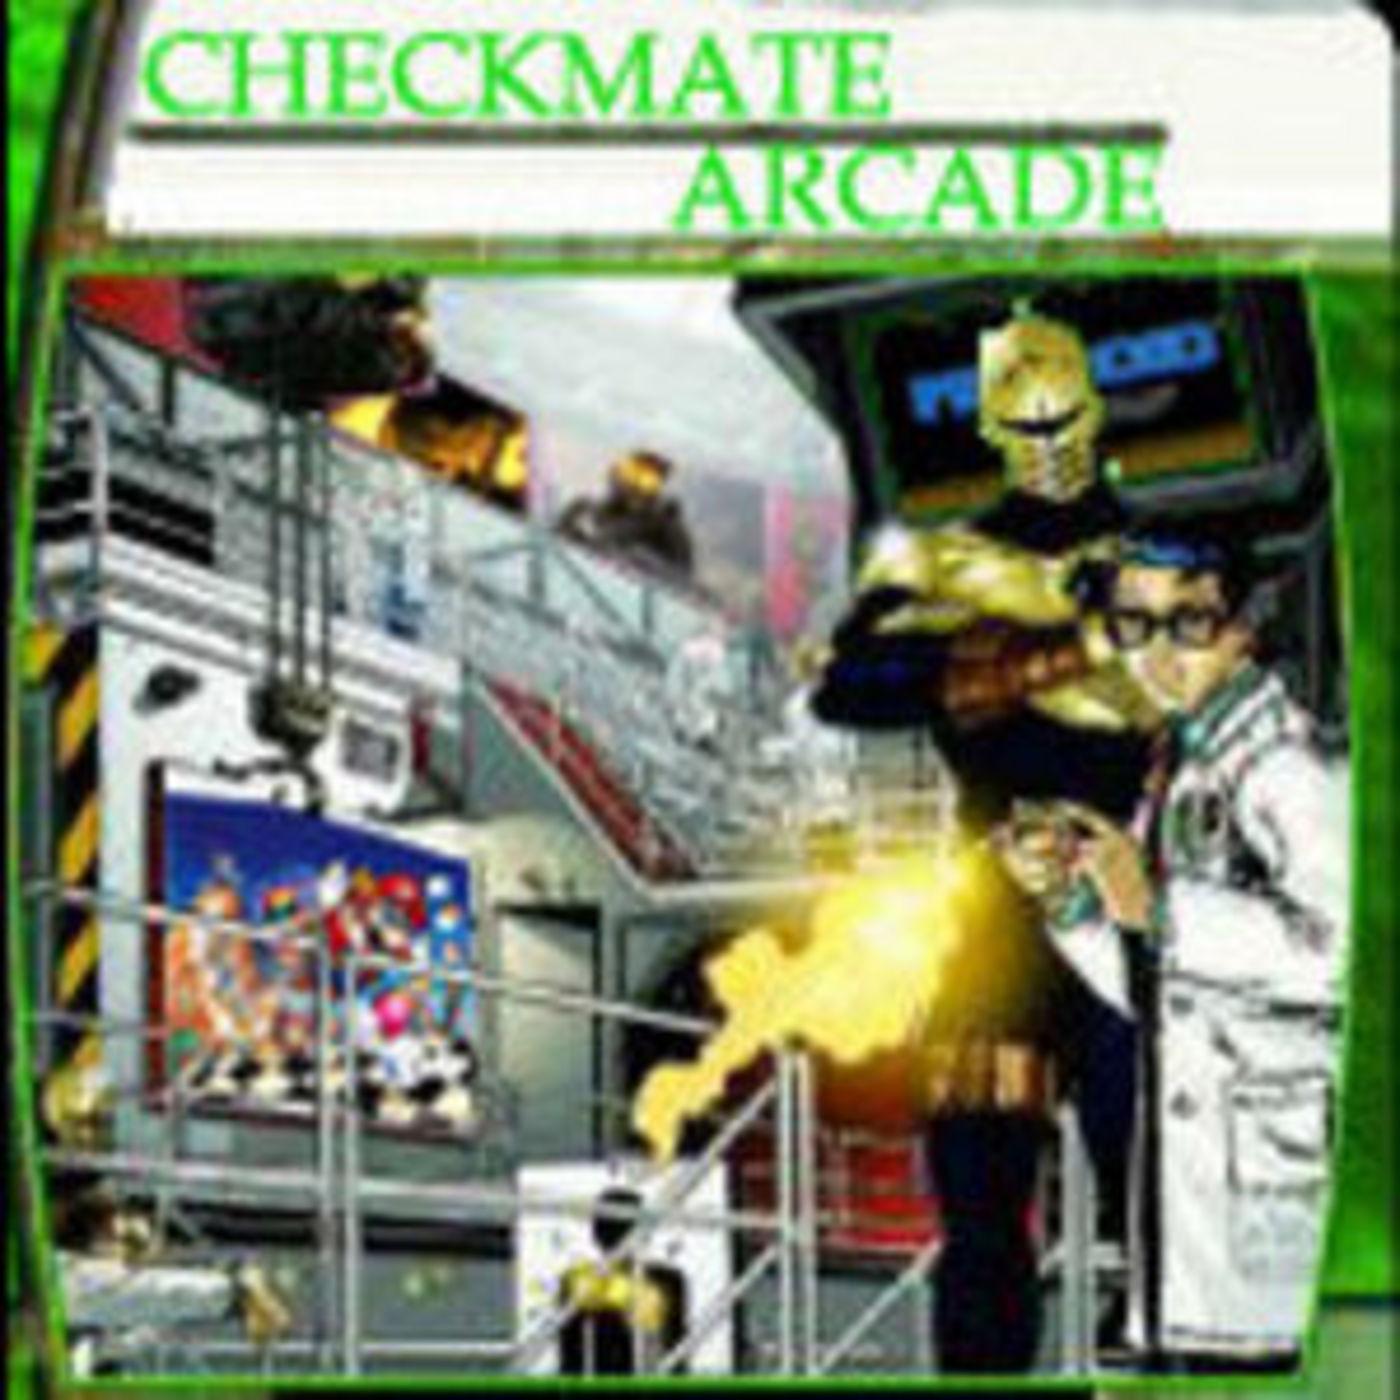 <![CDATA[Checkmate Arcade Podcast]]>